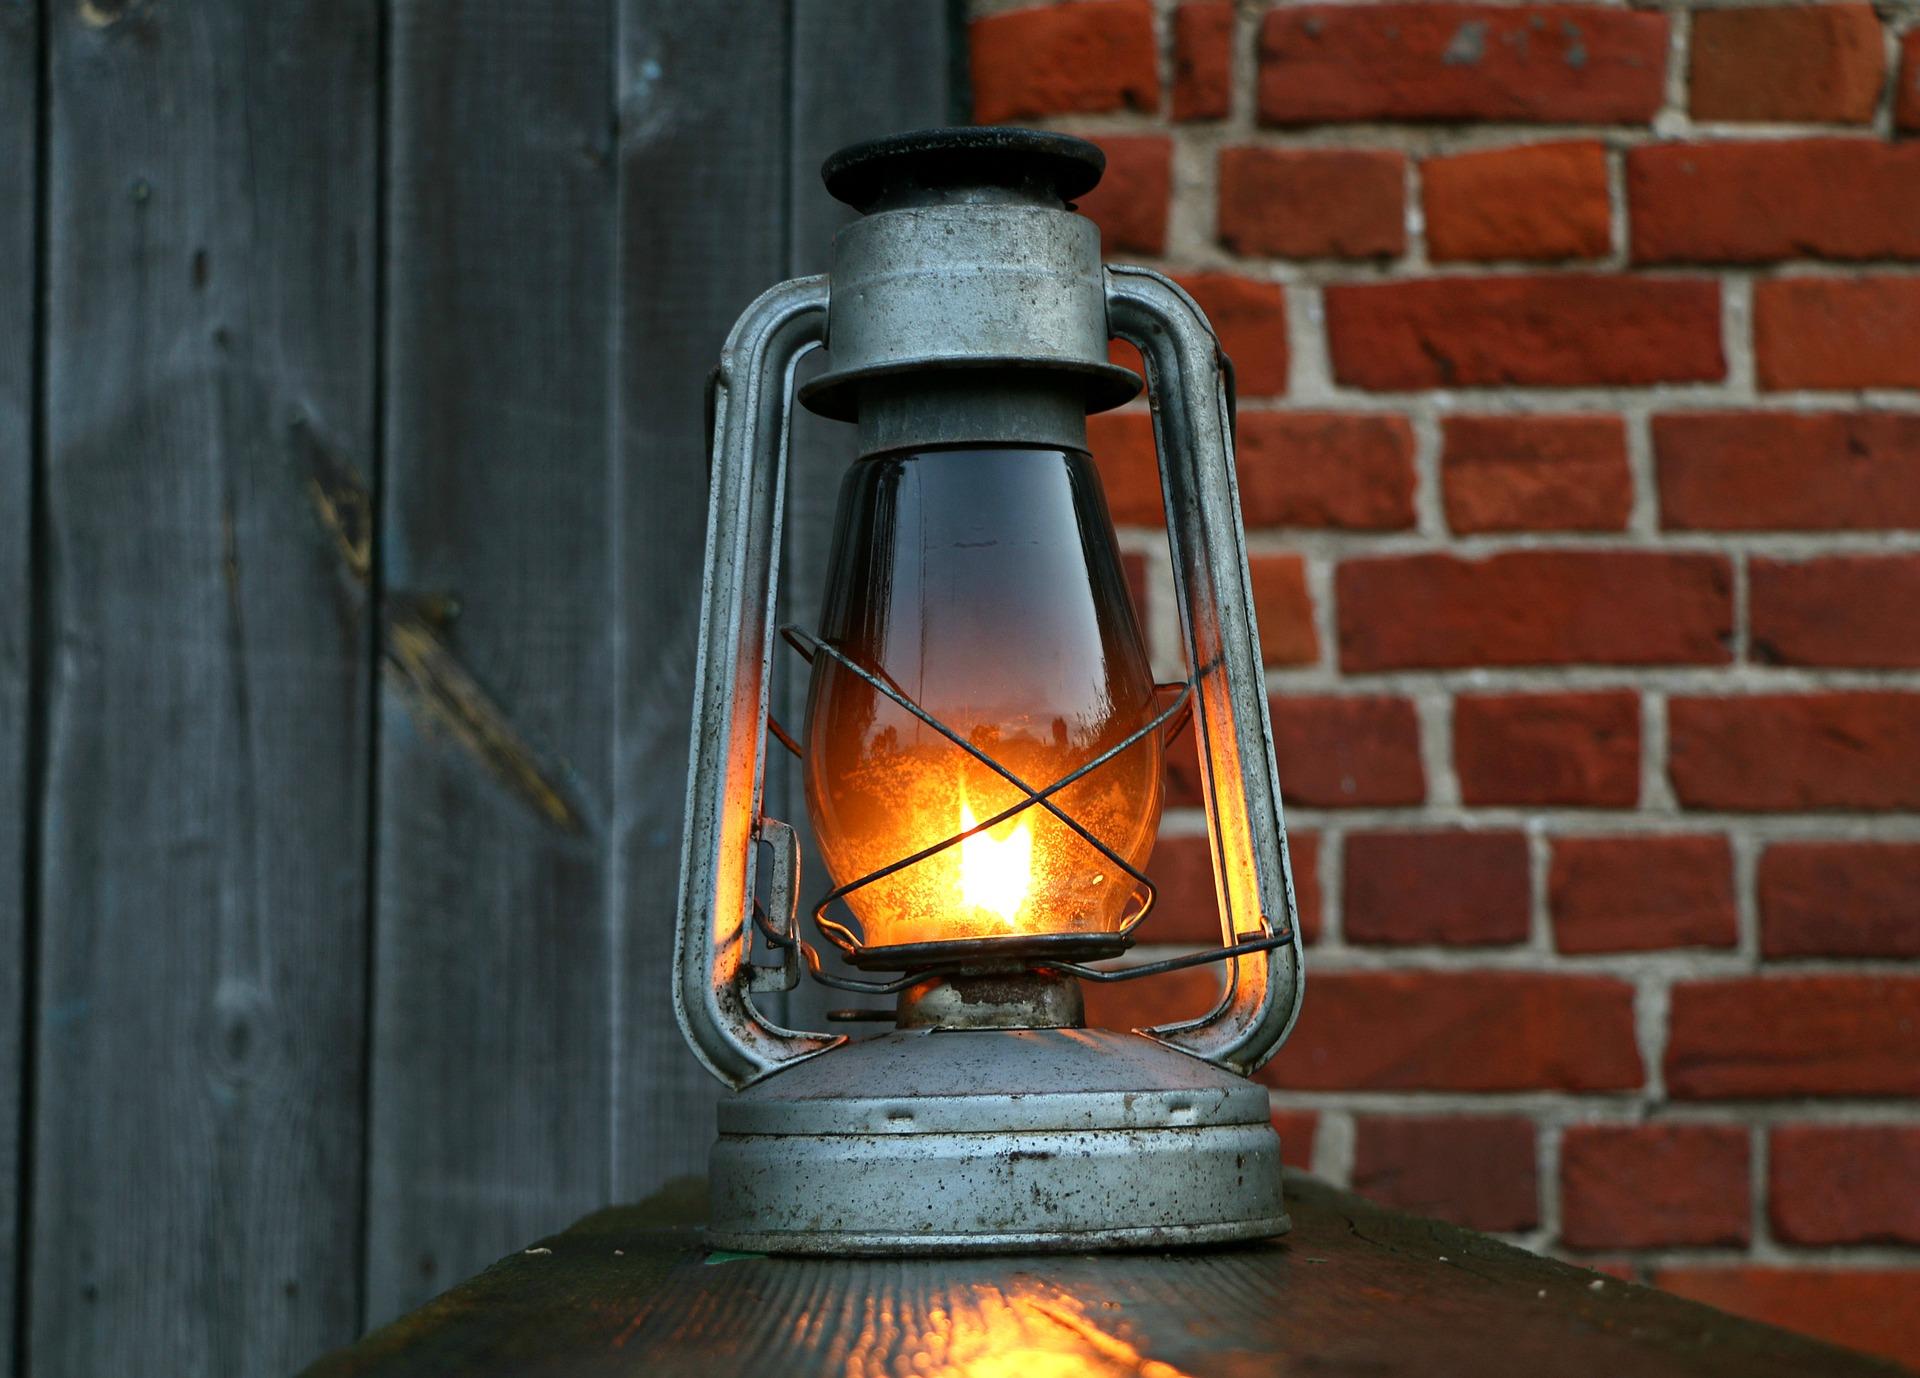 lamp-1565705_1920